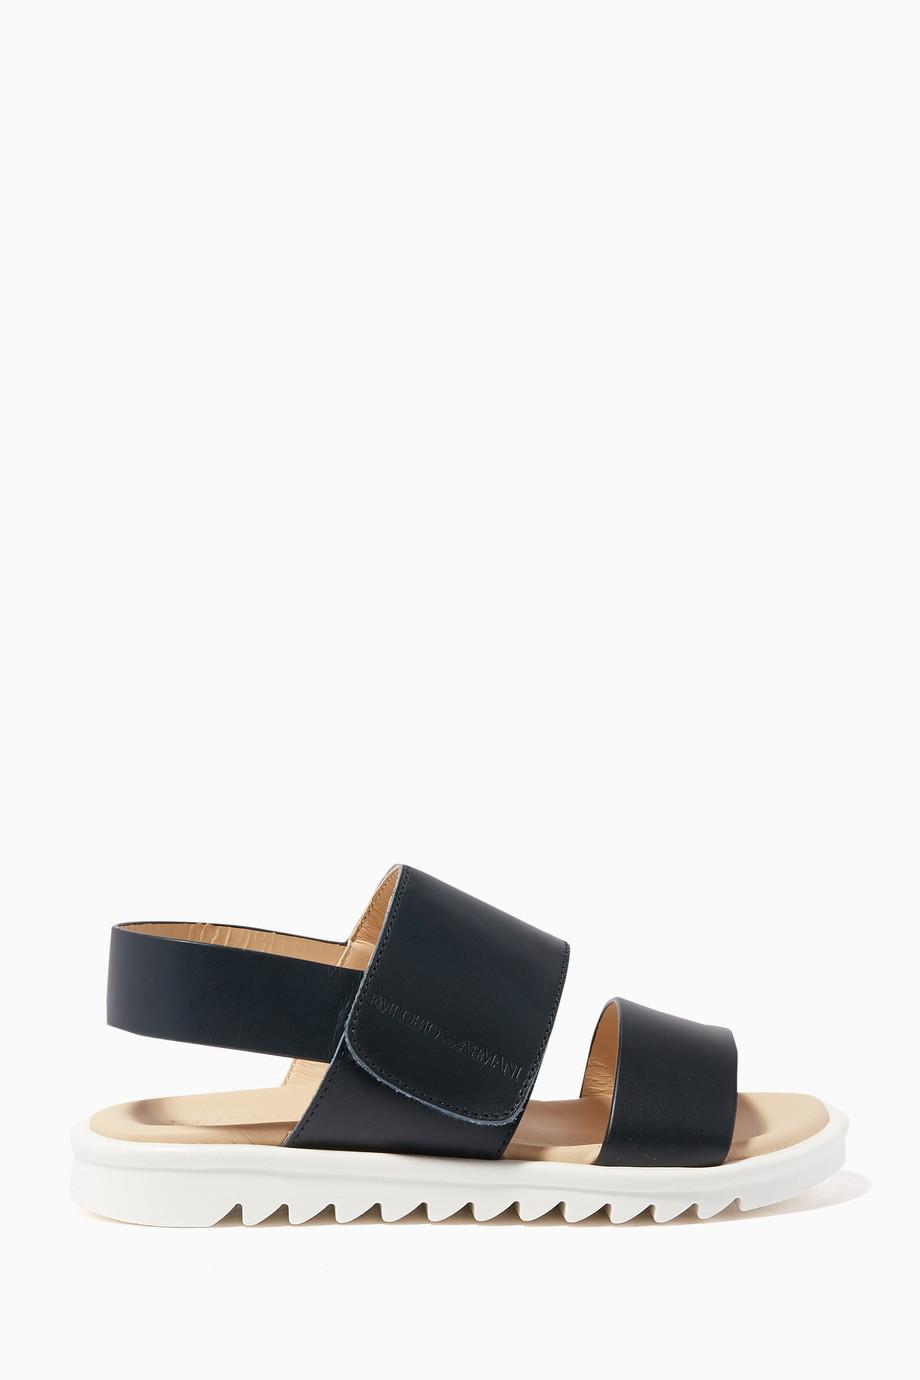 413d9806a149 Shop Emporio Armani Blue Black Leather Strap Sandals for Kids ...